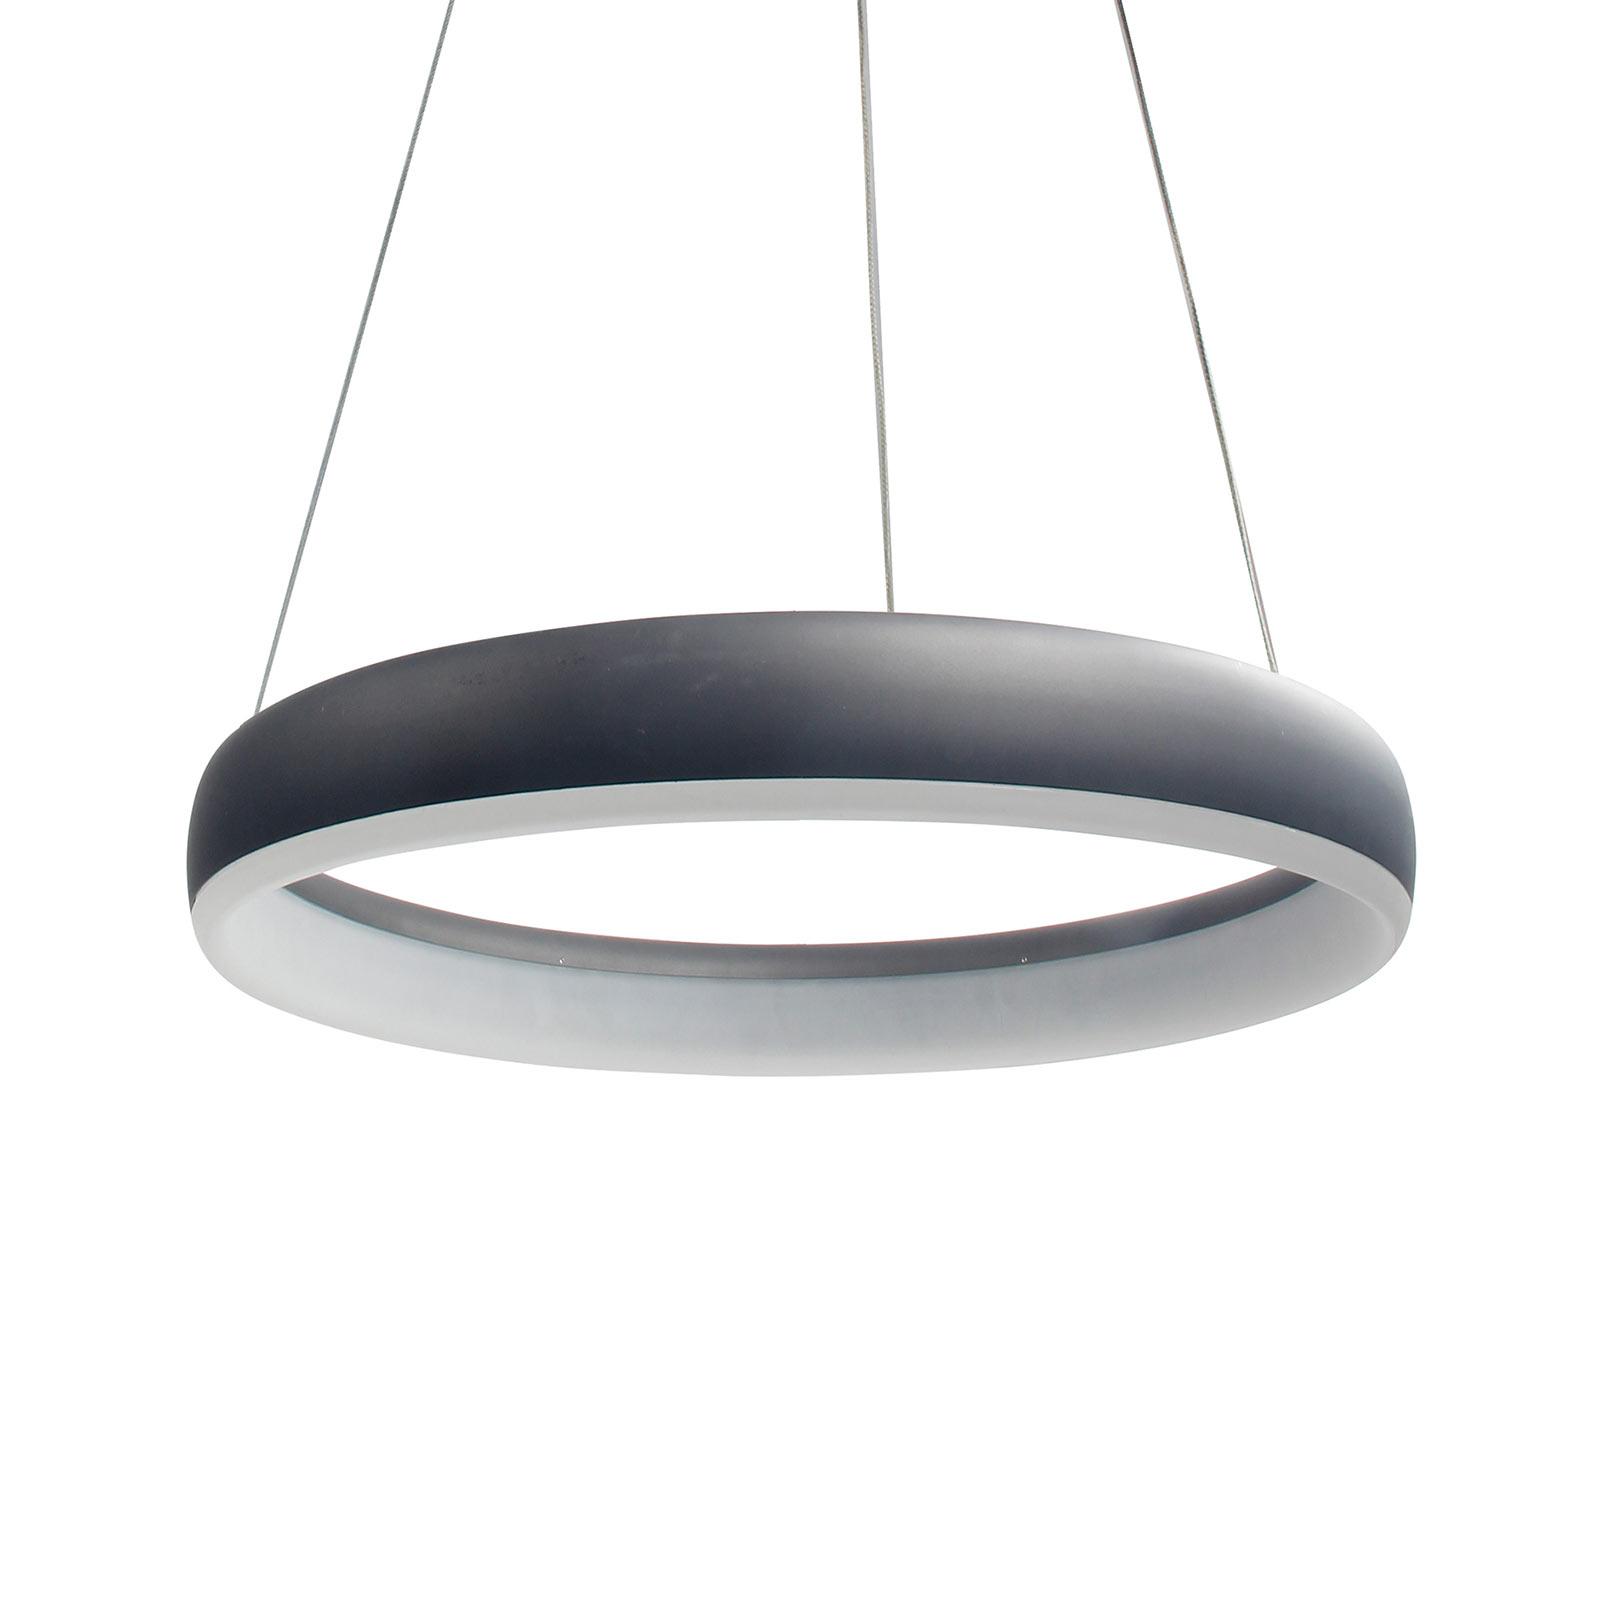 WiZ Clint lampa wisząca LED czarna, Ø 40 cm